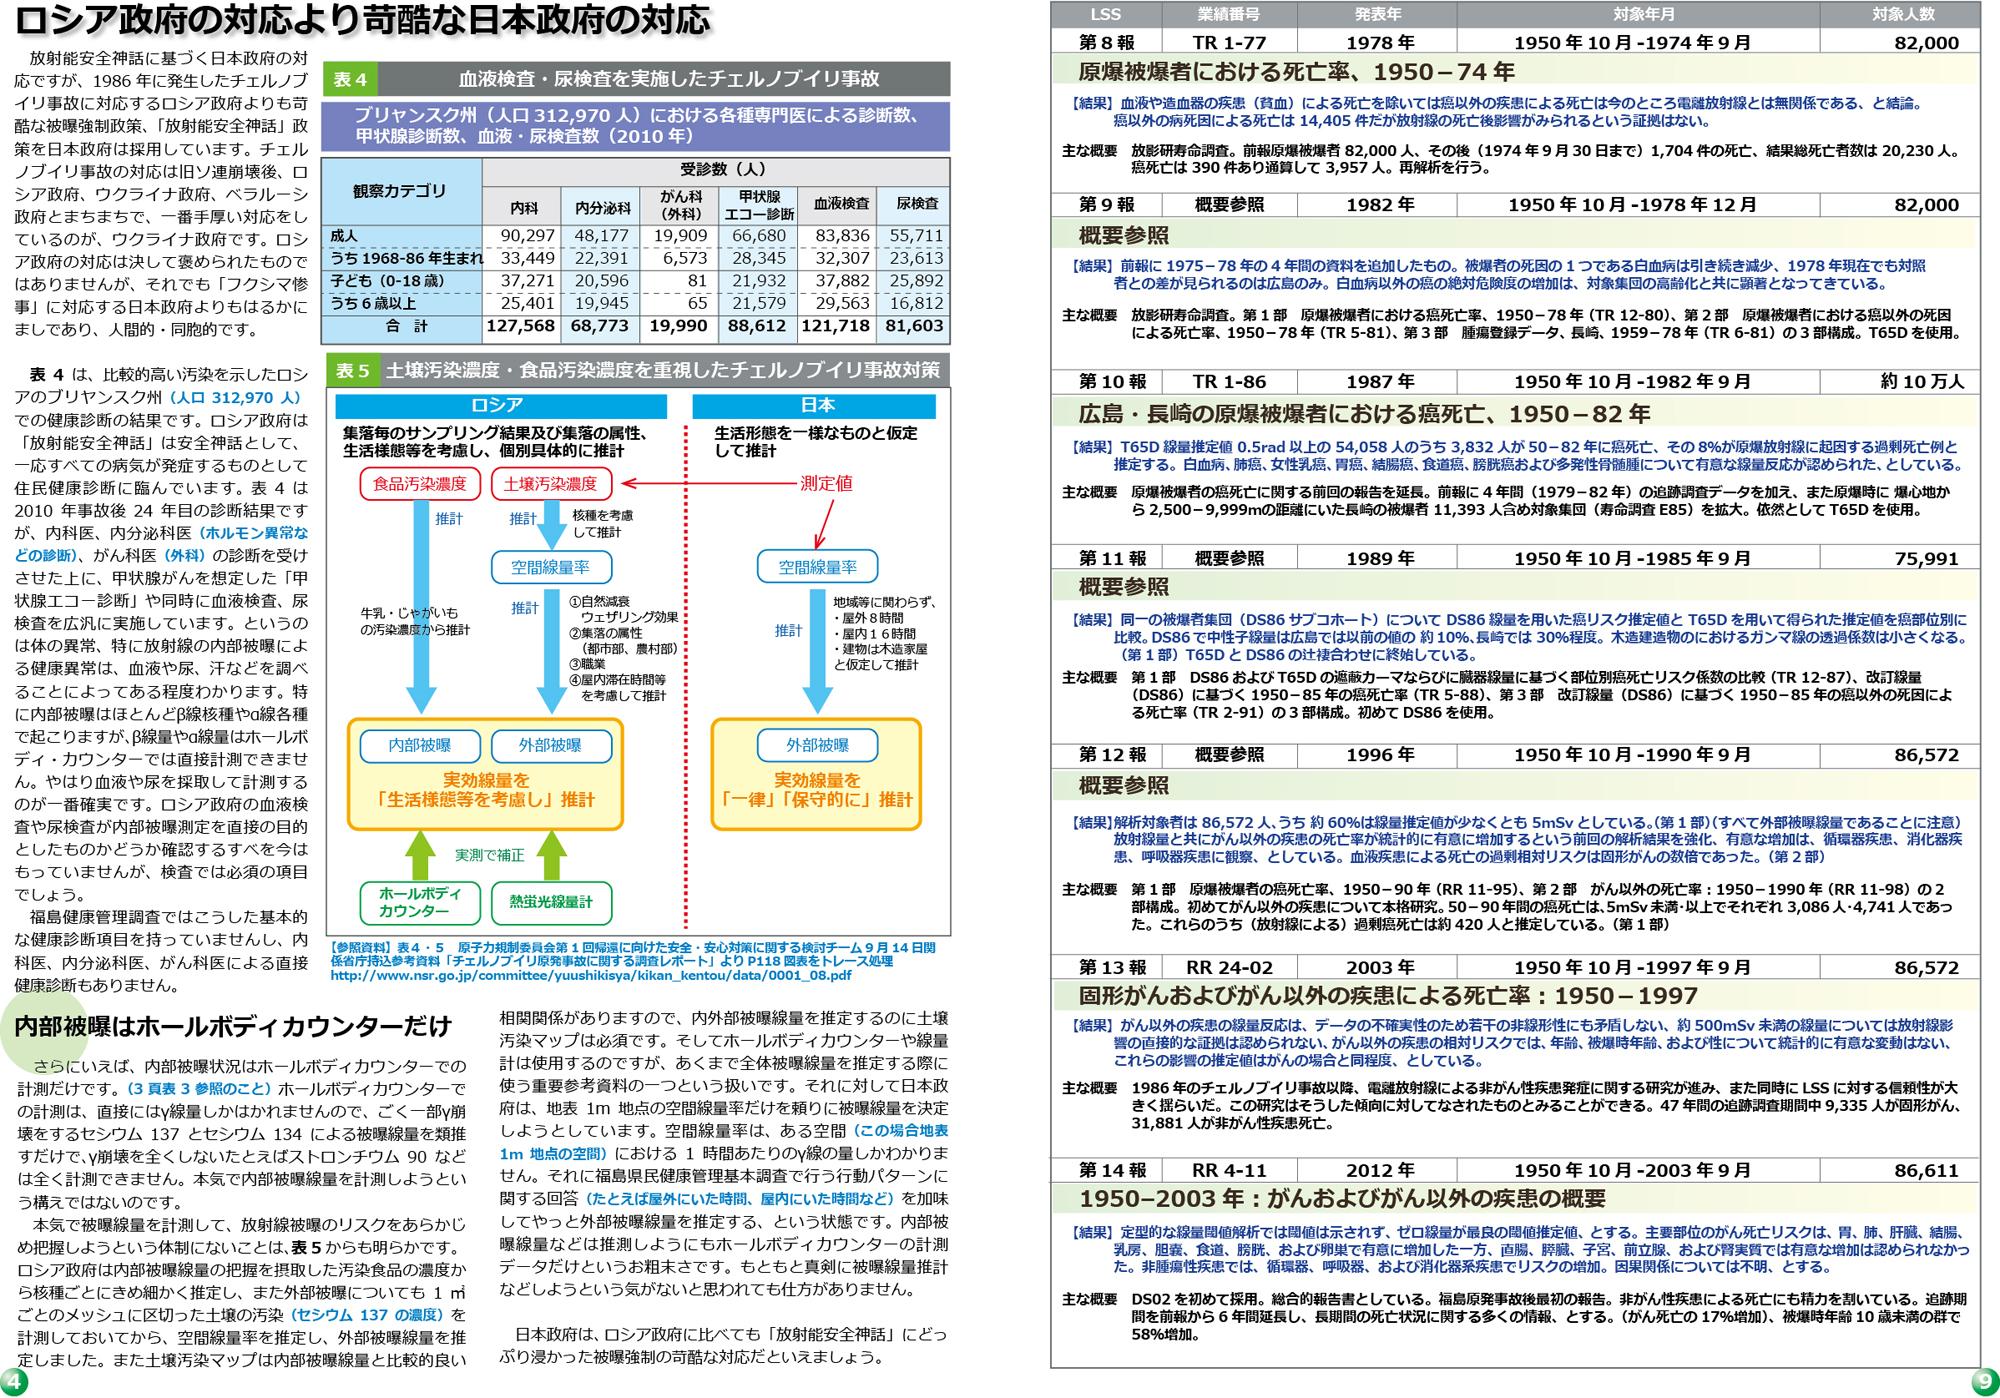 ファイル 272-4.jpg